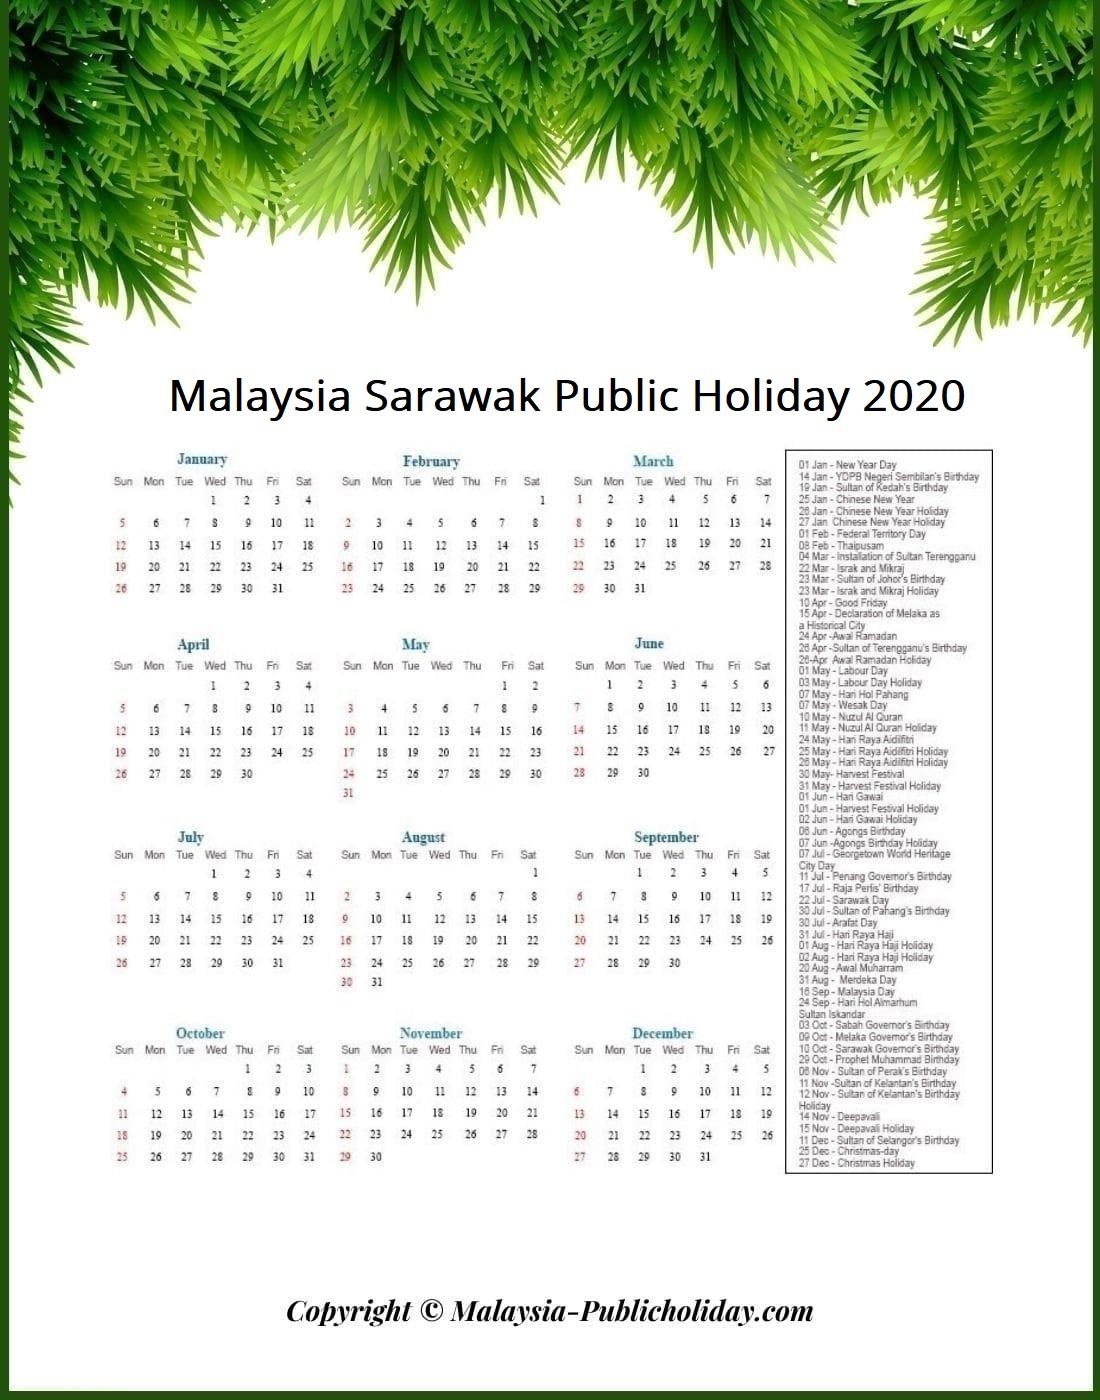 Sarawak Holiday Calendar 2020 Public Federal